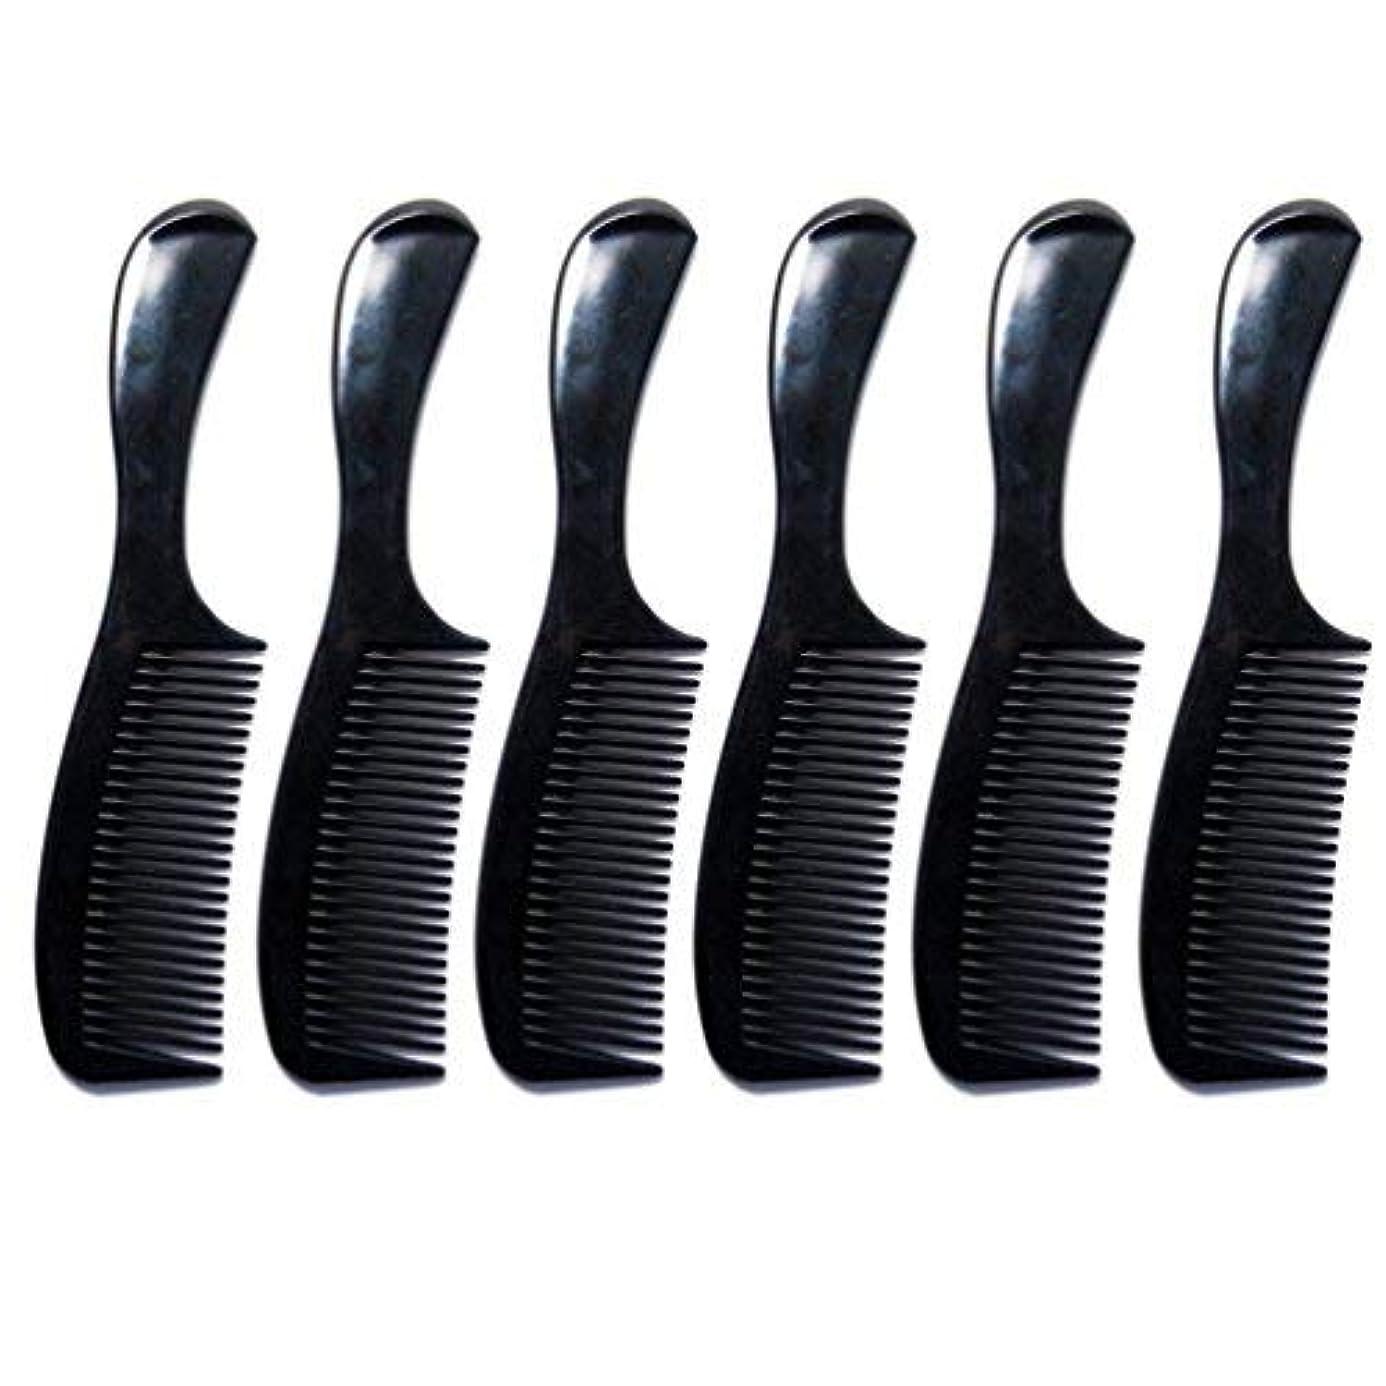 囲む見積り見積りLuxxii - (6 Pack) 8 inch Black Styling Essentials Round Handle Comb Pocket [並行輸入品]